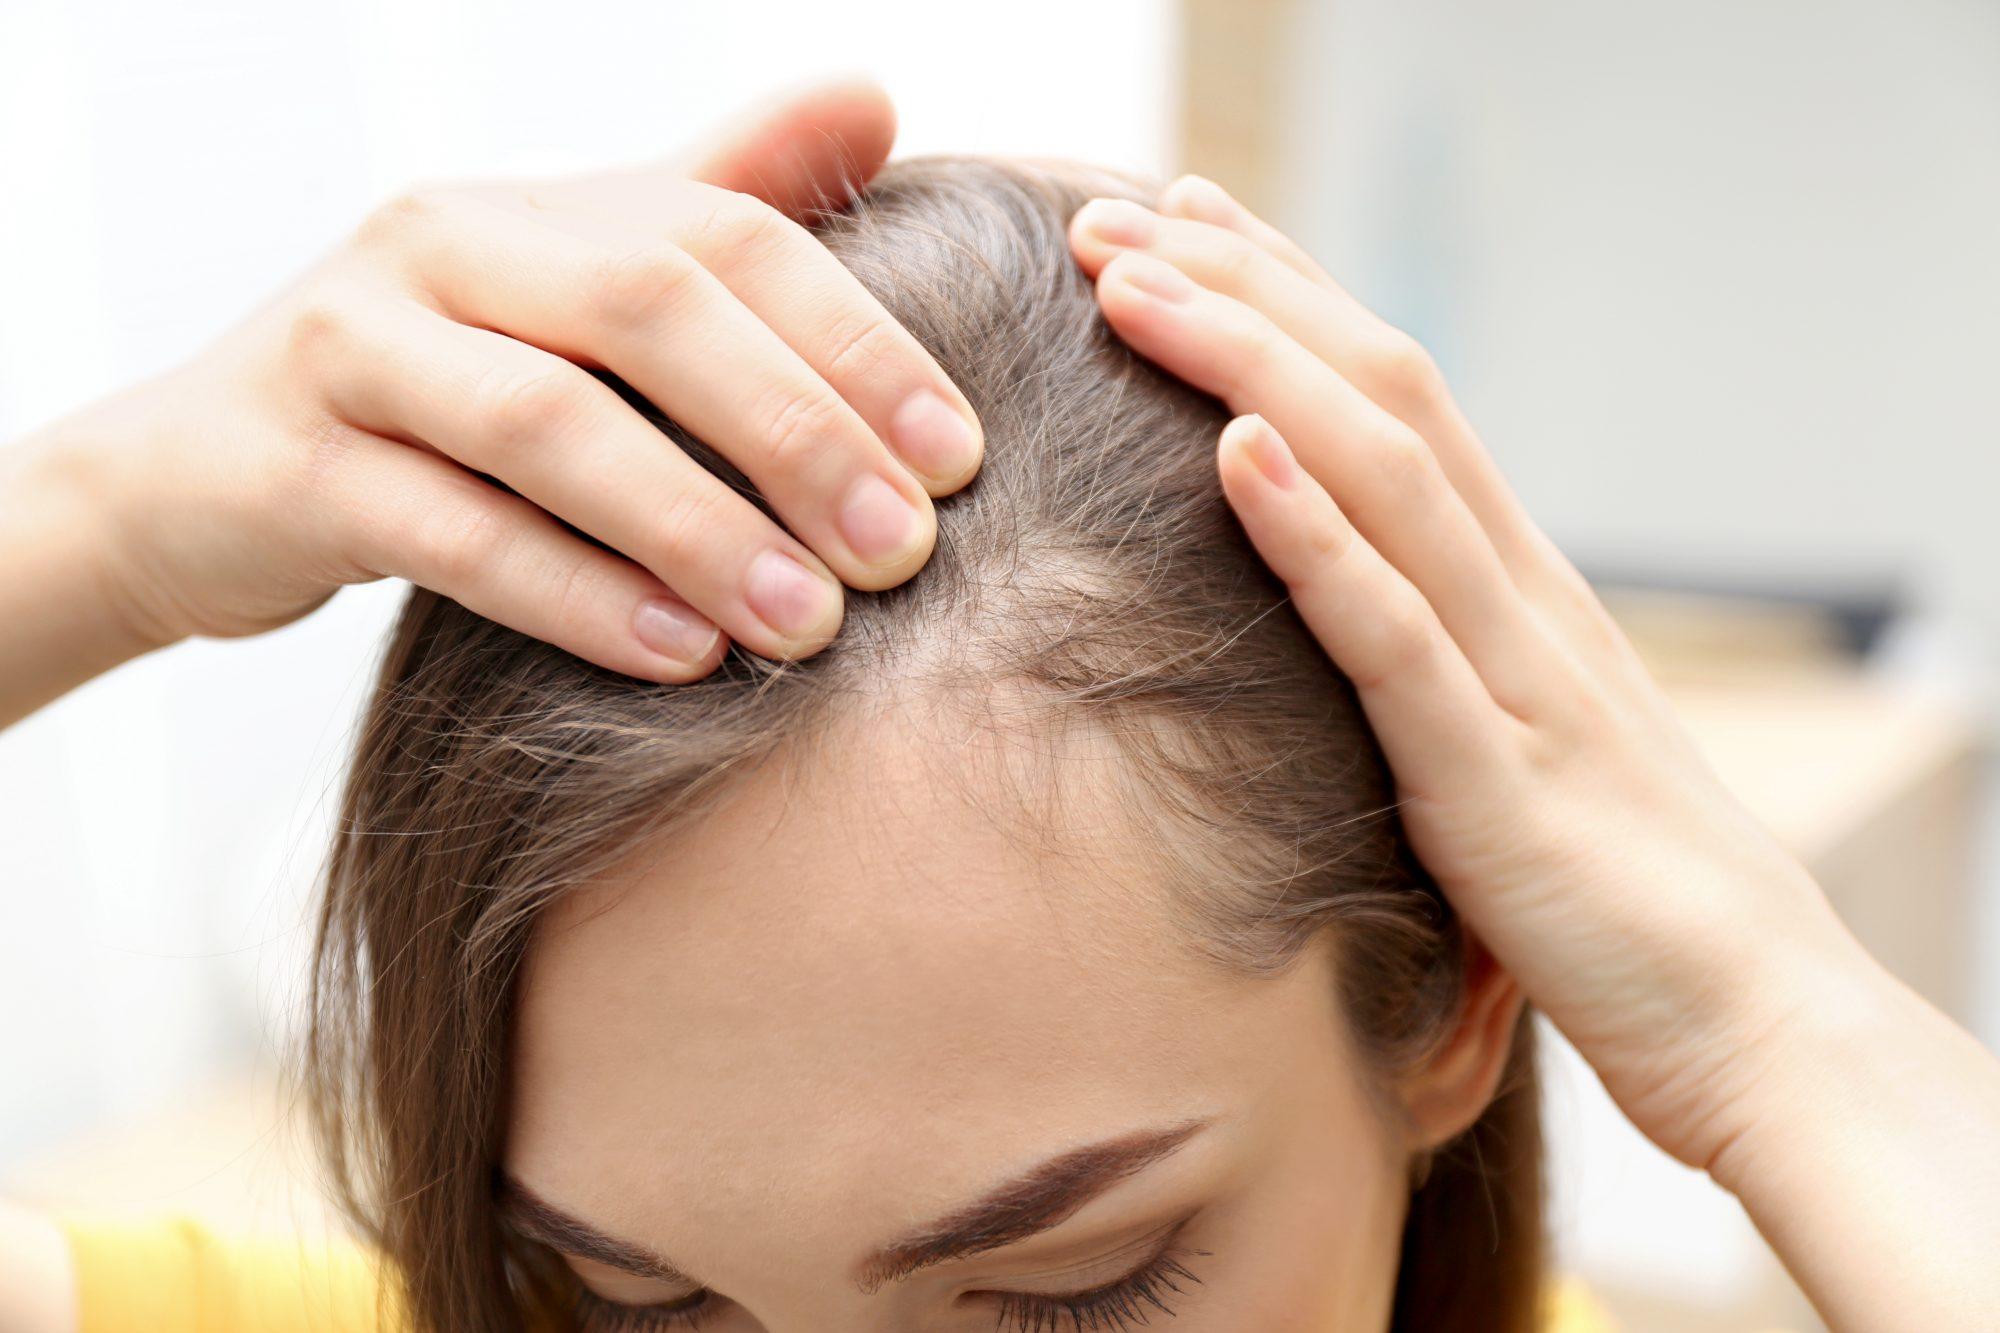 بهترین راههای درمان ریزش مو و تشخیص علت ریزش مو کدامند؟